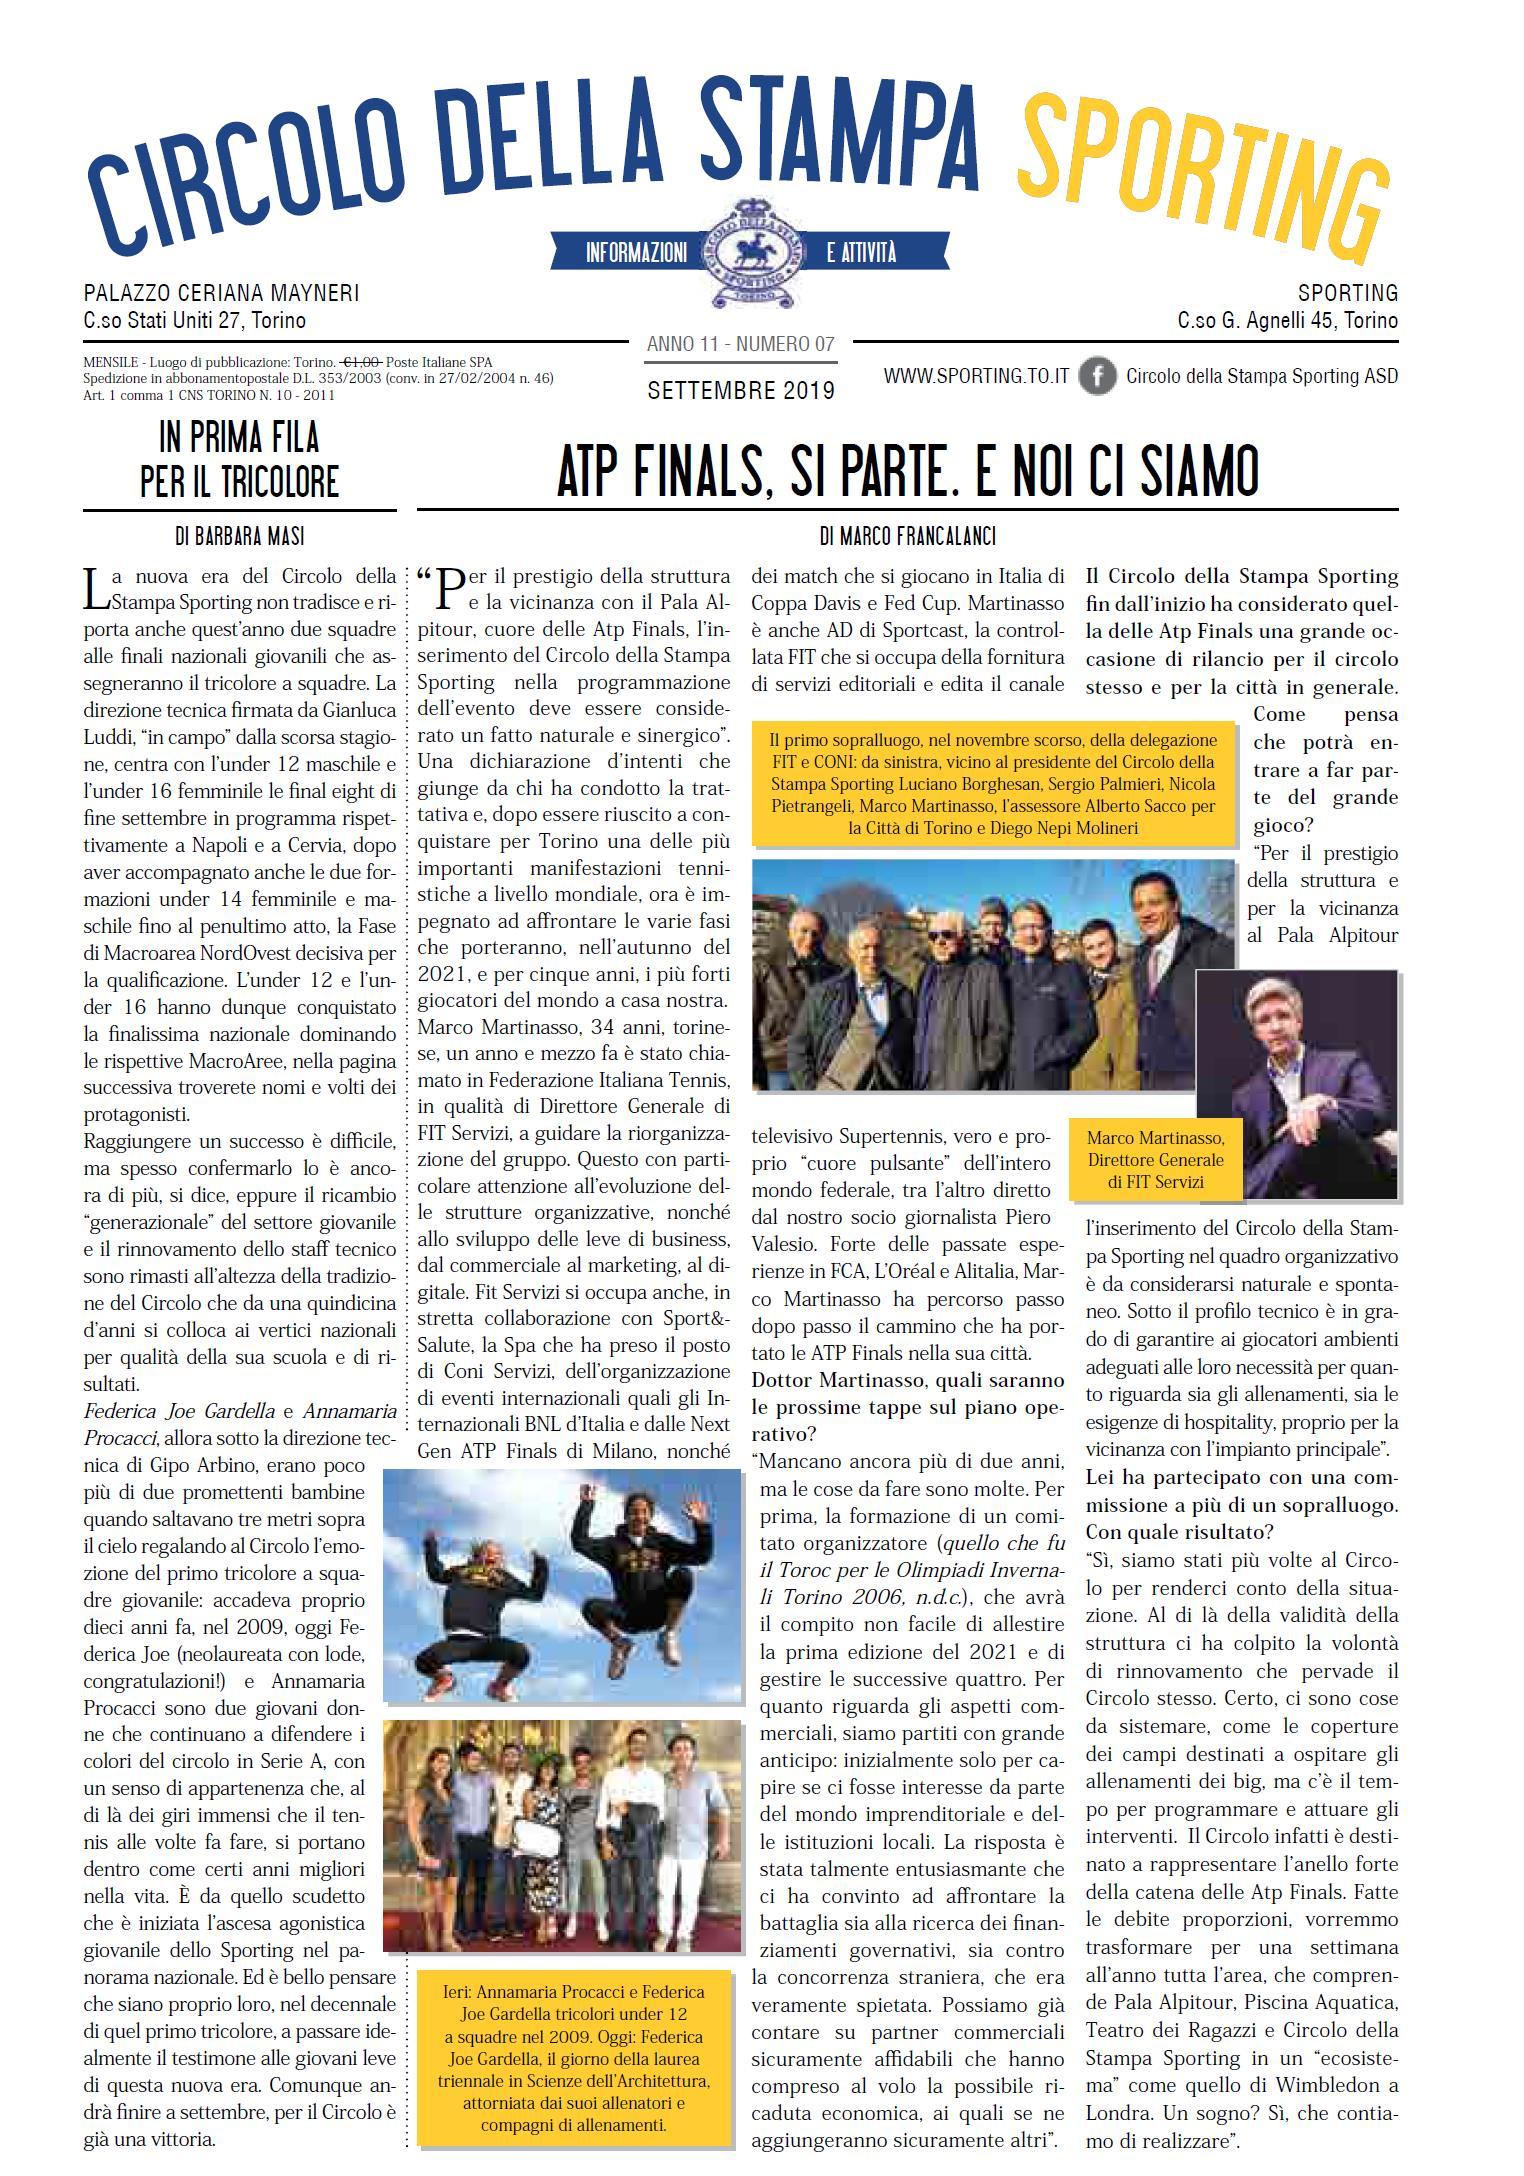 CIRCOLO DELLA STAMPA SPORTING settembre 2019